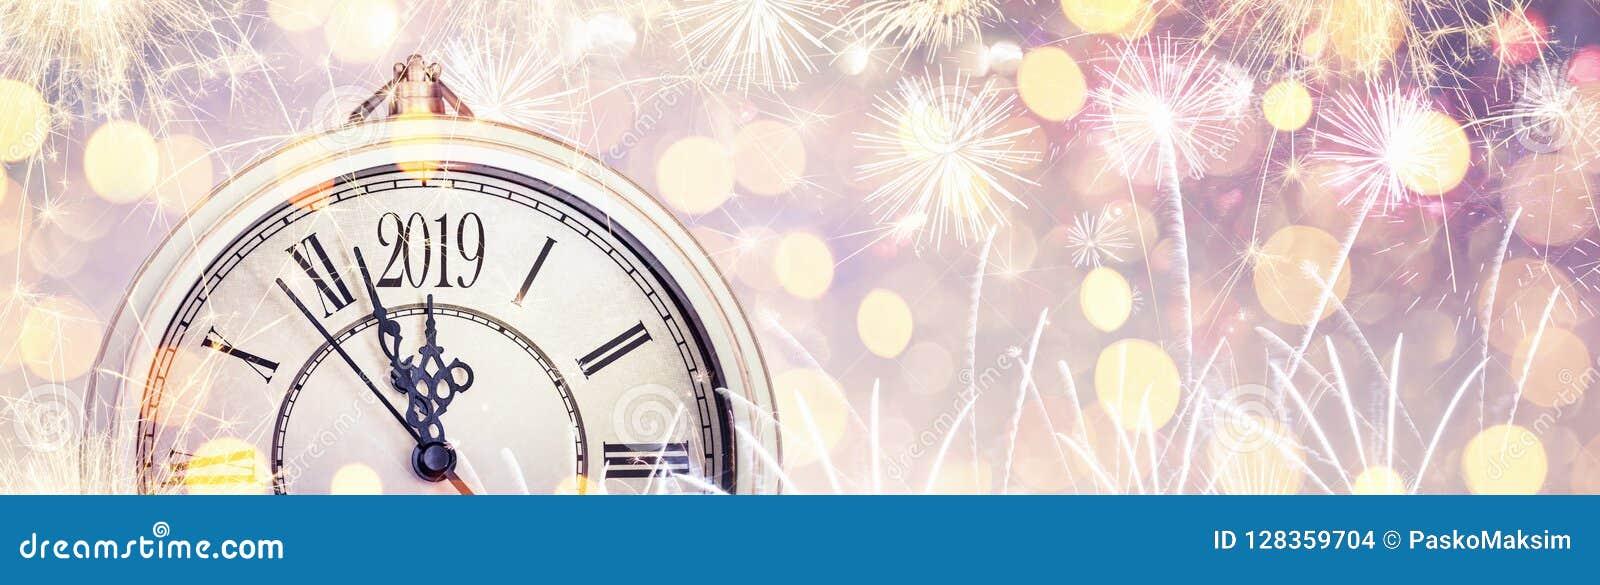 与拨号盘时钟和烟花的新年快乐2019年庆祝